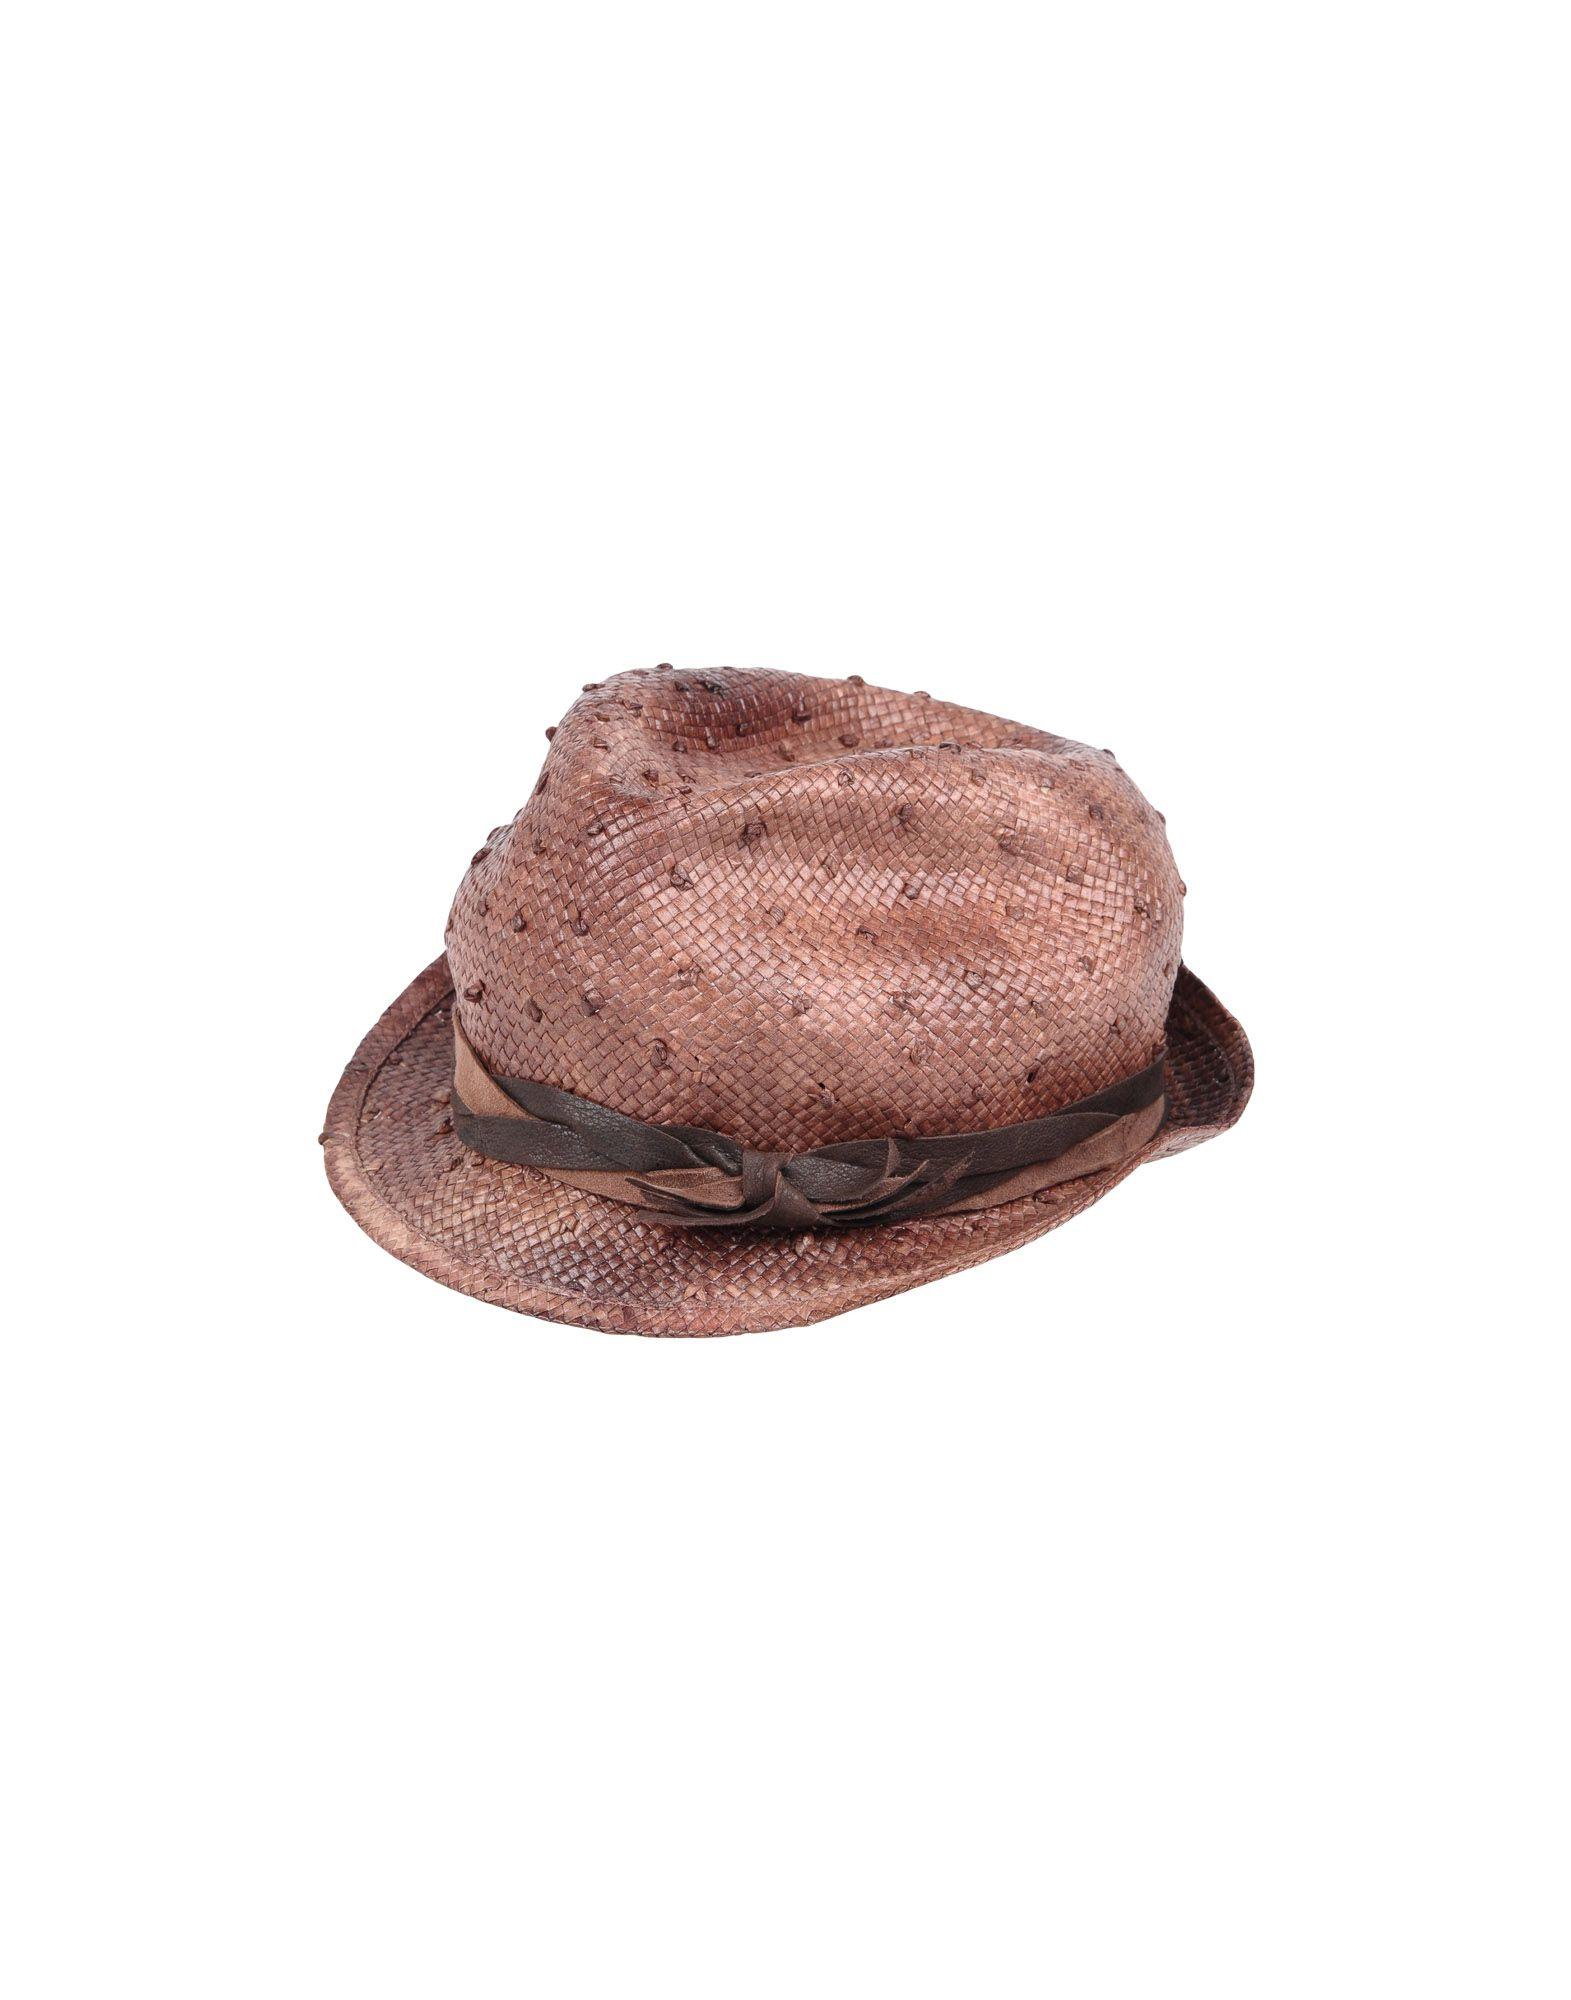 BRUNELLO CUCINELLI Damen Mützen & Hüte Farbe Mittelbraun Größe 5 jetztbilligerkaufen